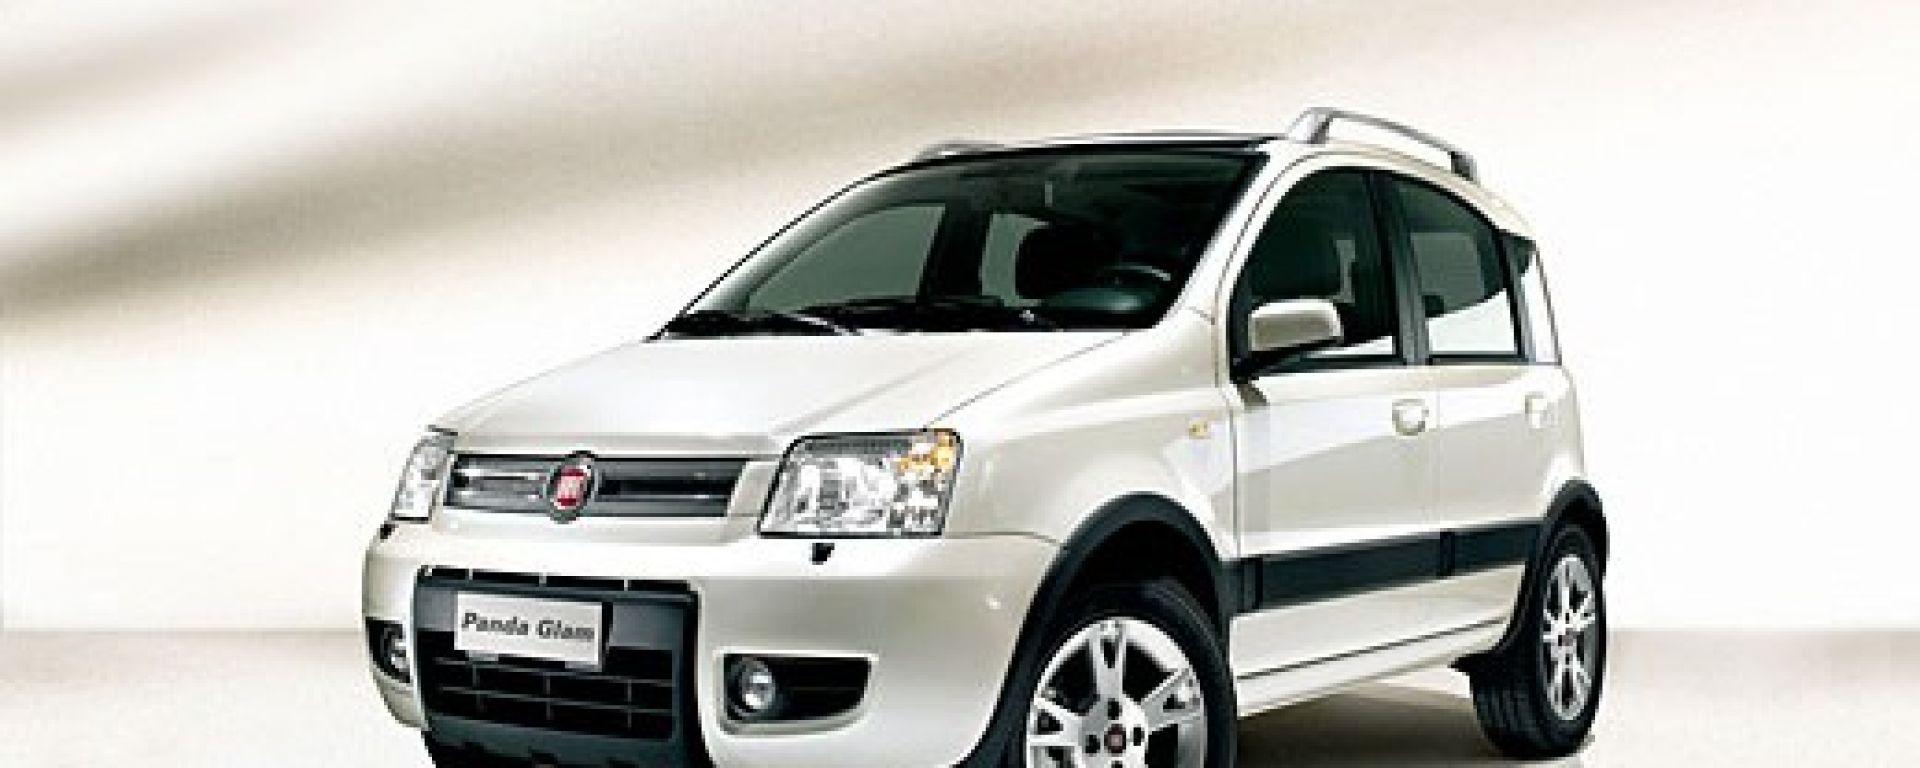 Fiat Panda Glam: così è più glamour